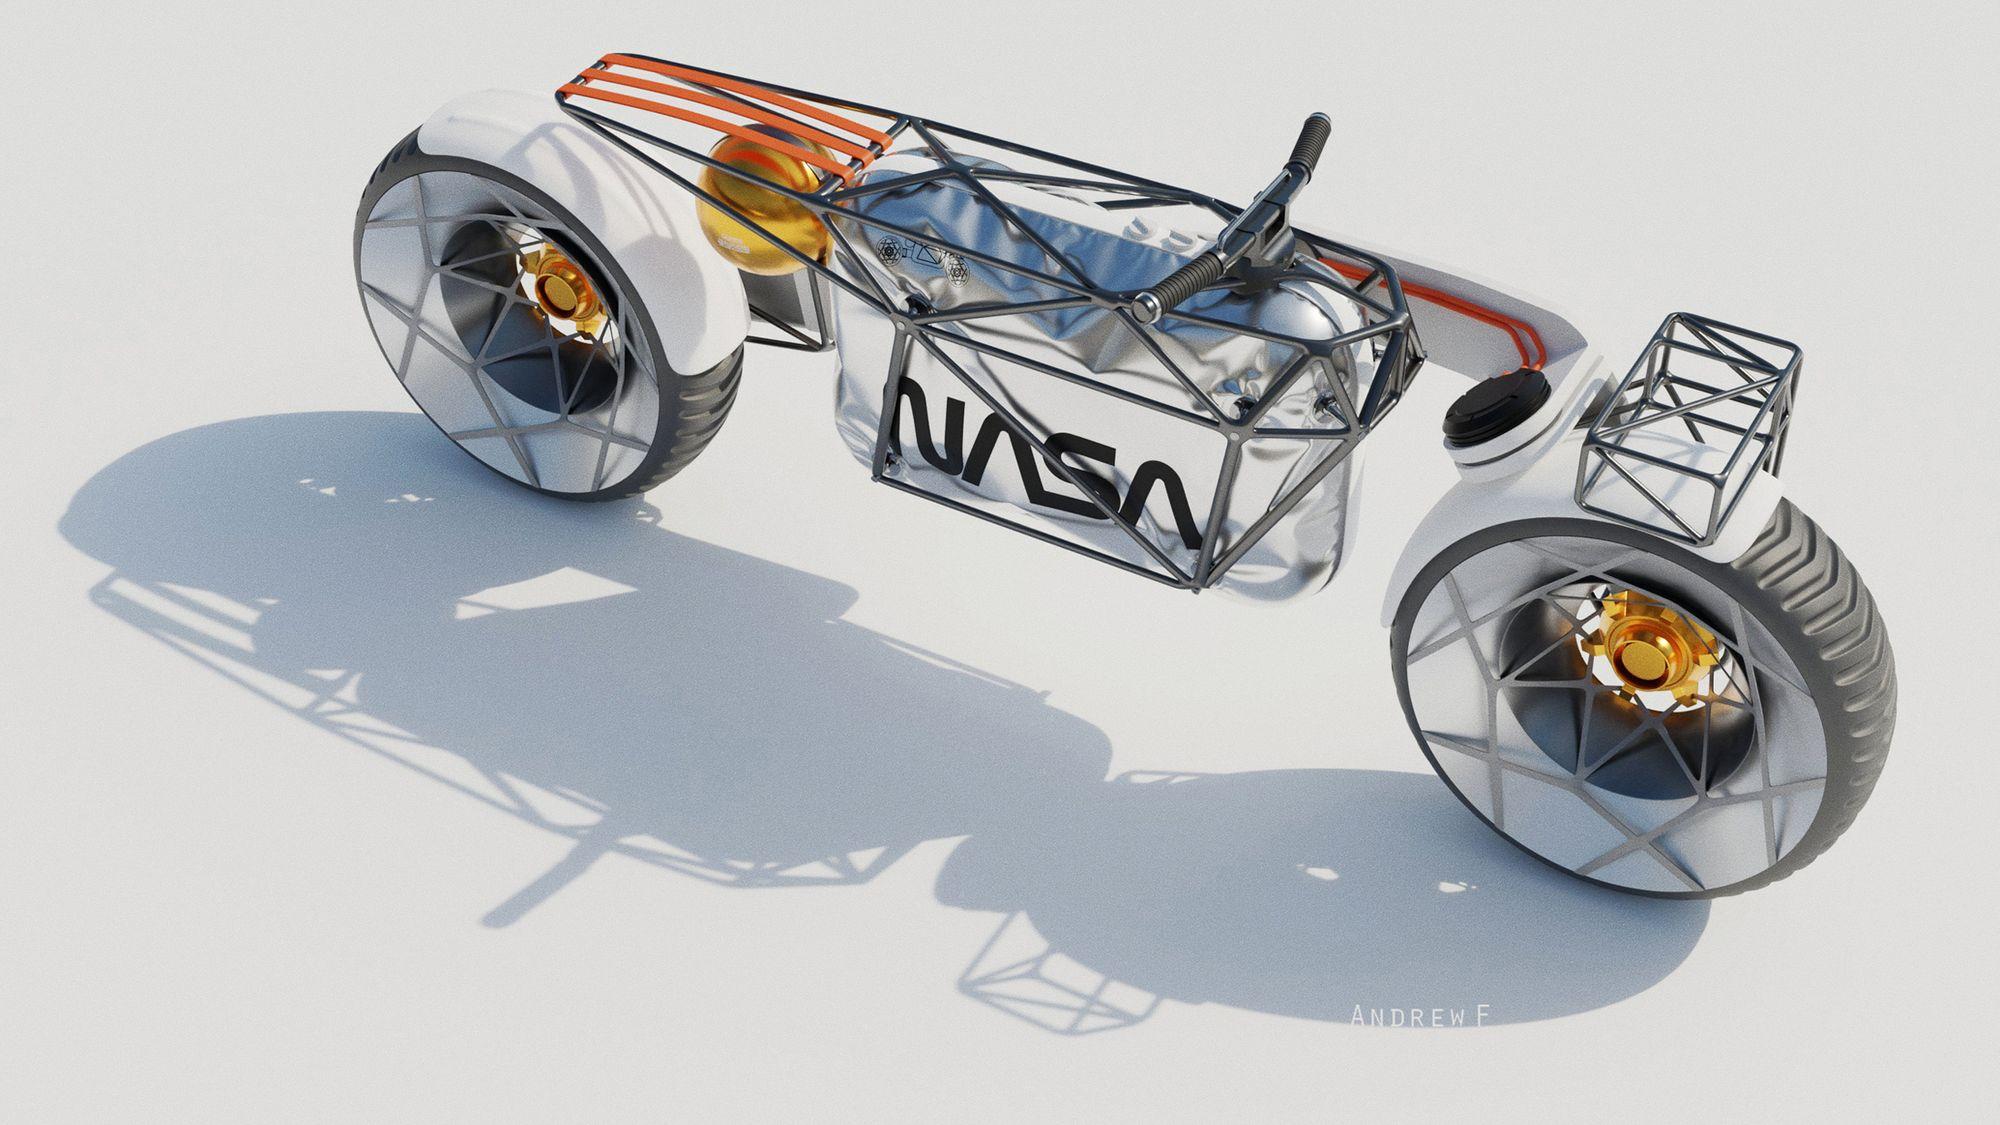 Σχέδιο που απεικονίζει την διαστημική μοτοσυκλέτα